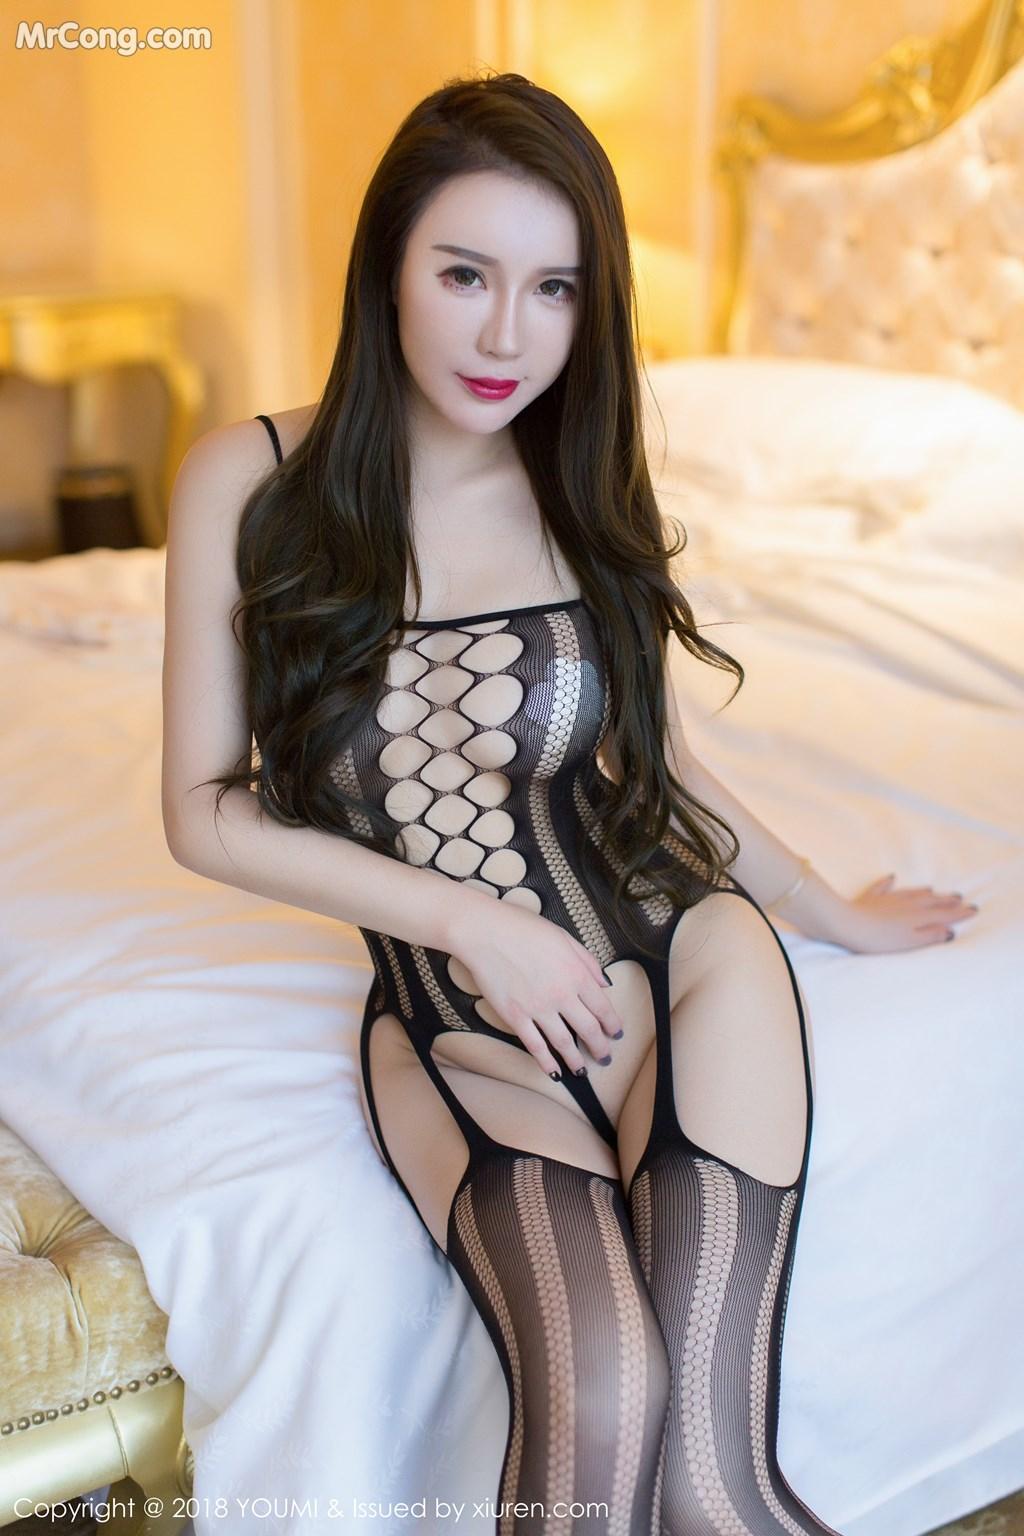 Image YouMi-Vol.123-Egg-MrCong.com-025 in post YouMi Vol.123: Người mẫu Egg-尤妮丝 (49 ảnh)